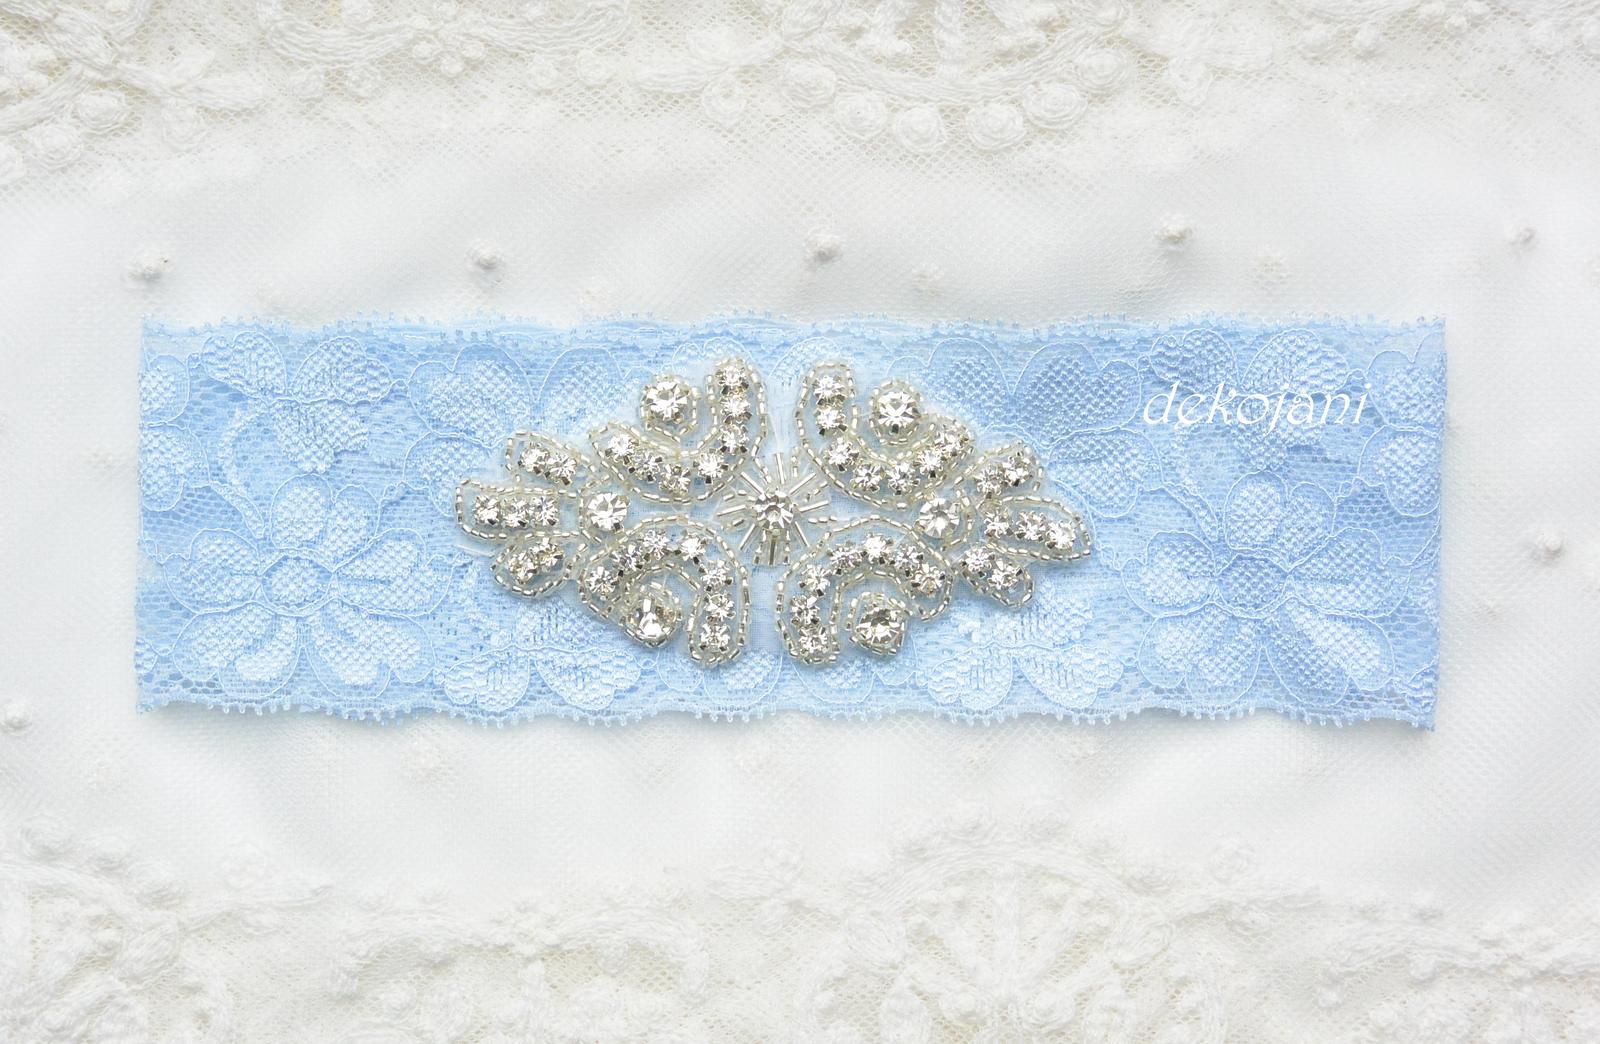 Luxusní svatební doplňky a dekorace. - Obrázek č. 40